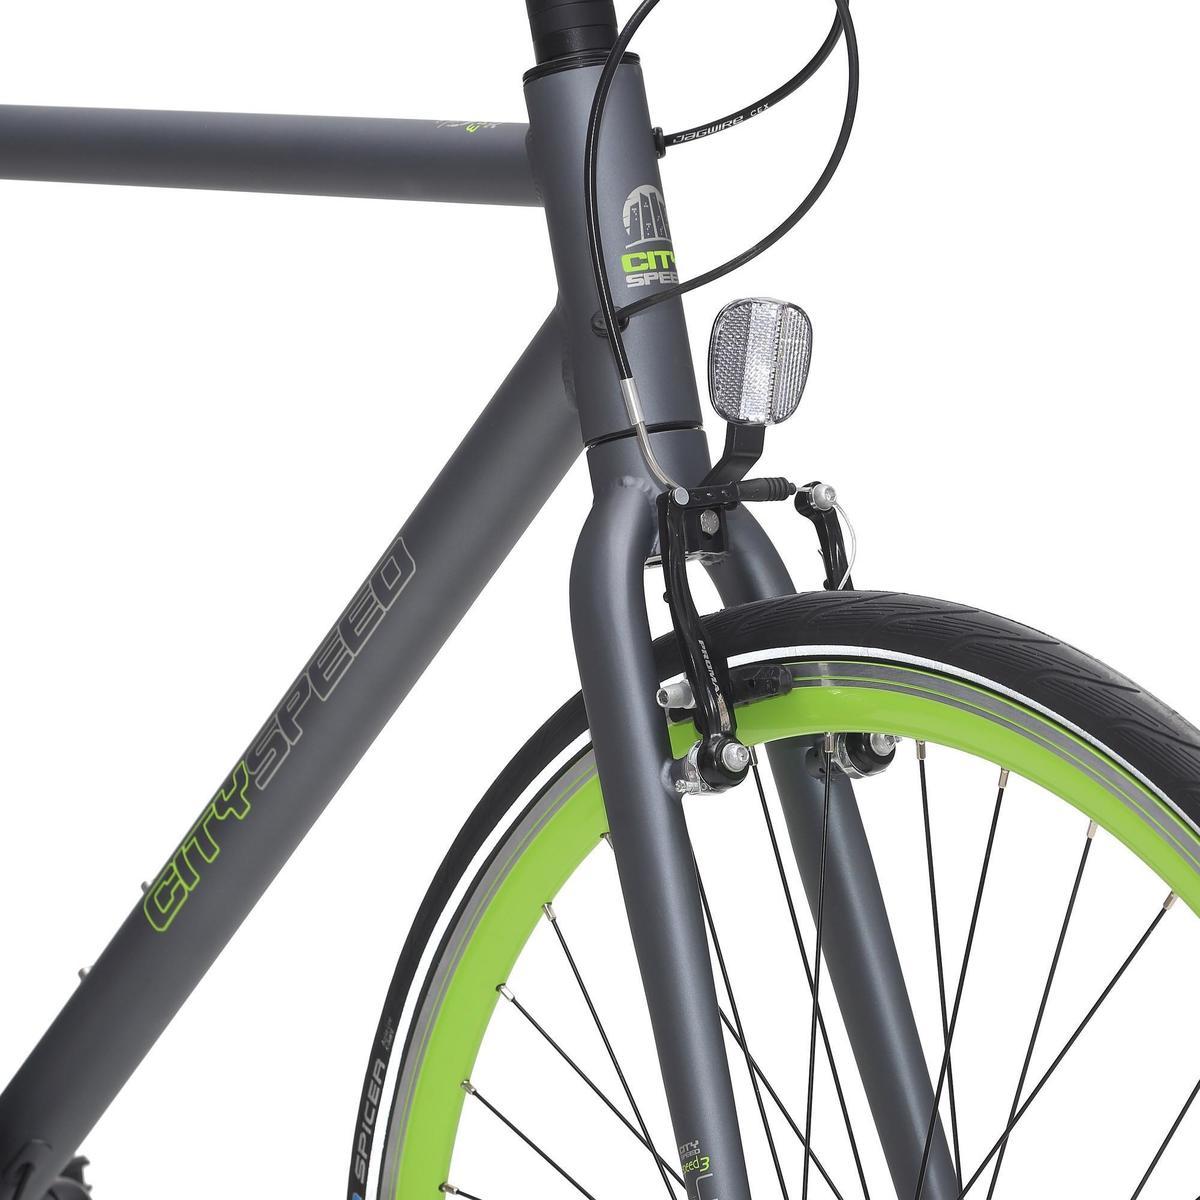 Bild 3 von City-Bike 28 City Speed 500 Nexus 3 mattgrau/neongrün